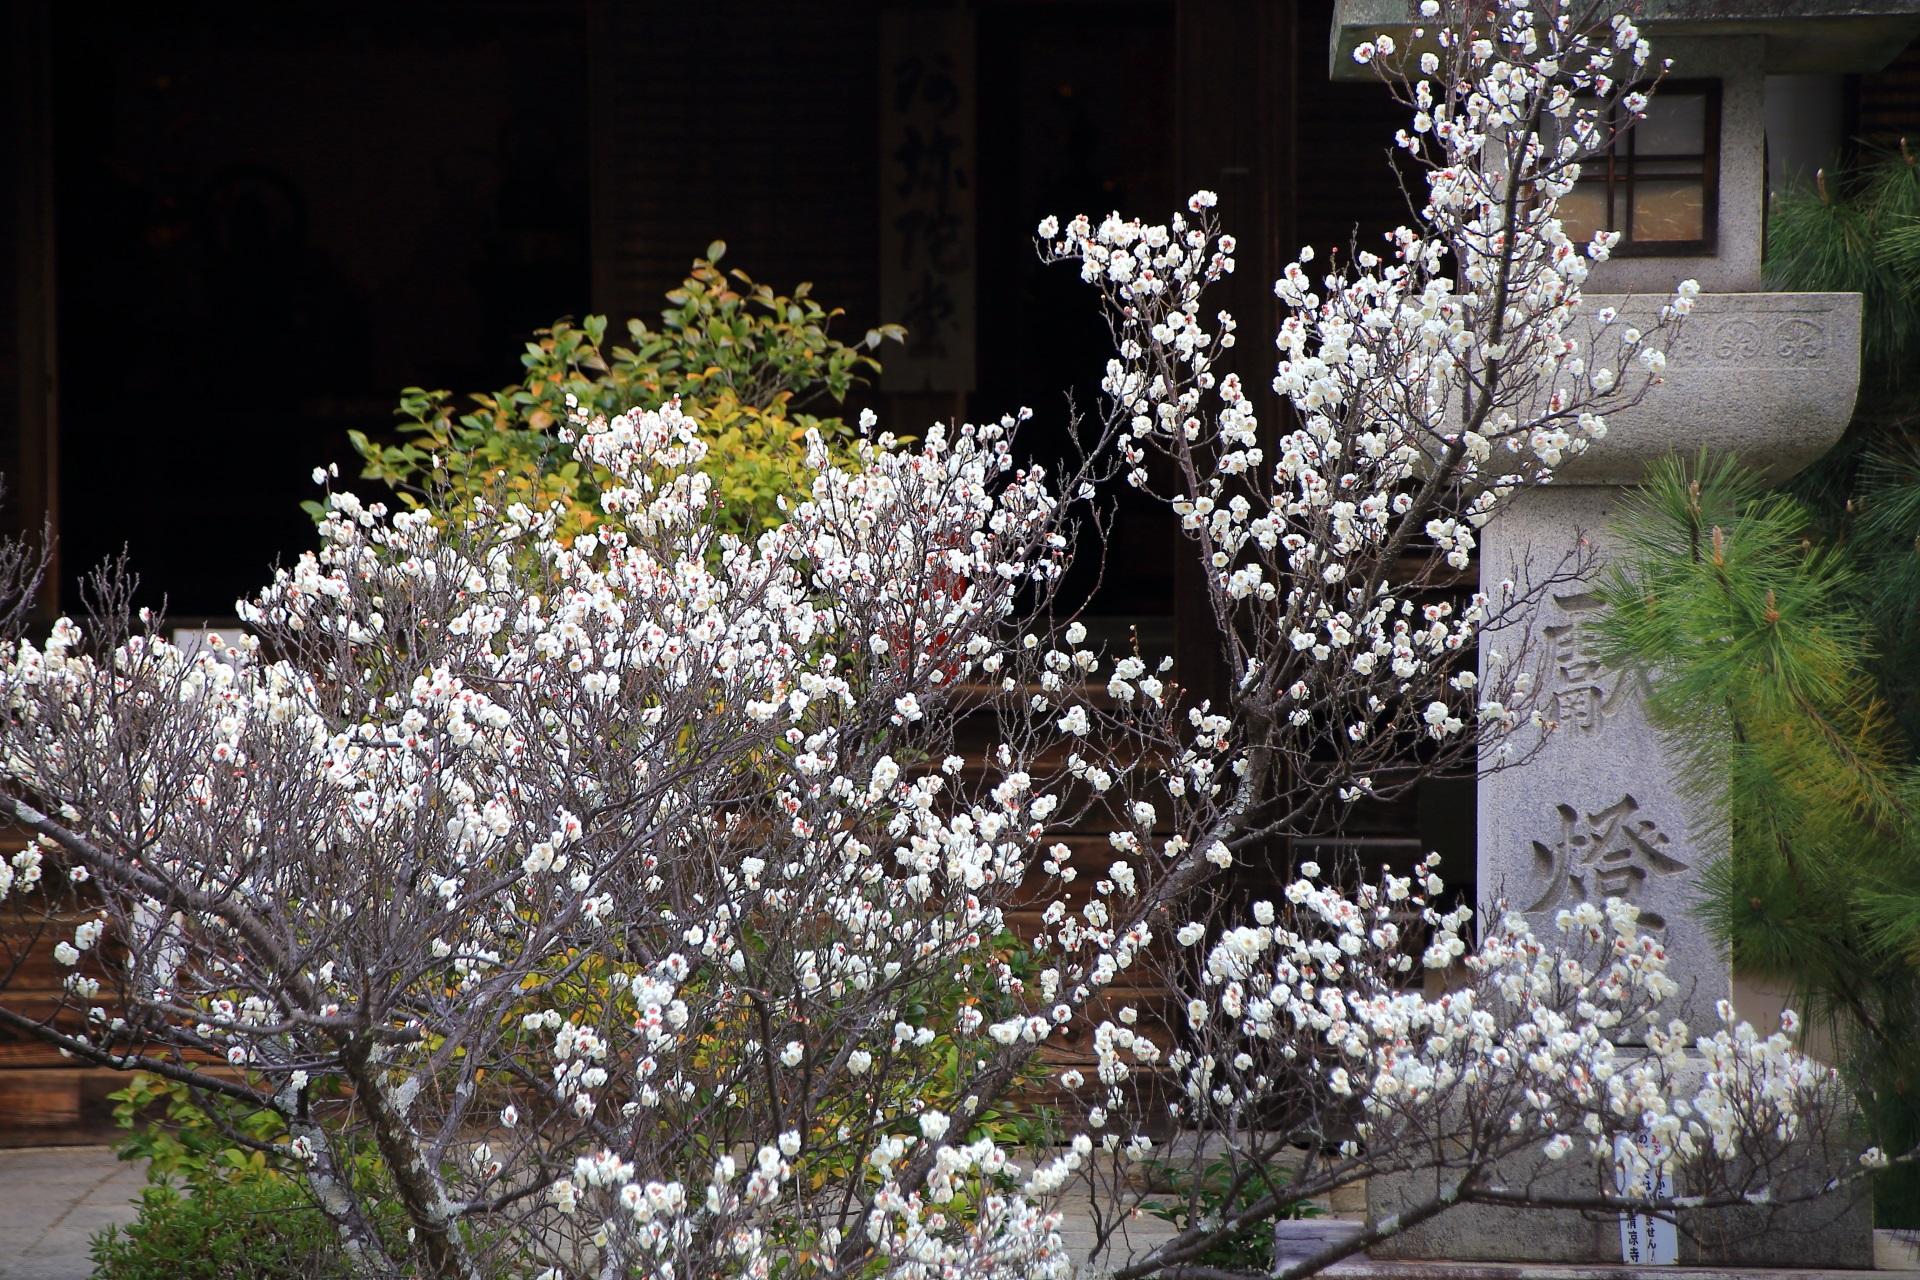 嵯峨釈迦堂の咲き誇る梅の花と蟷螂